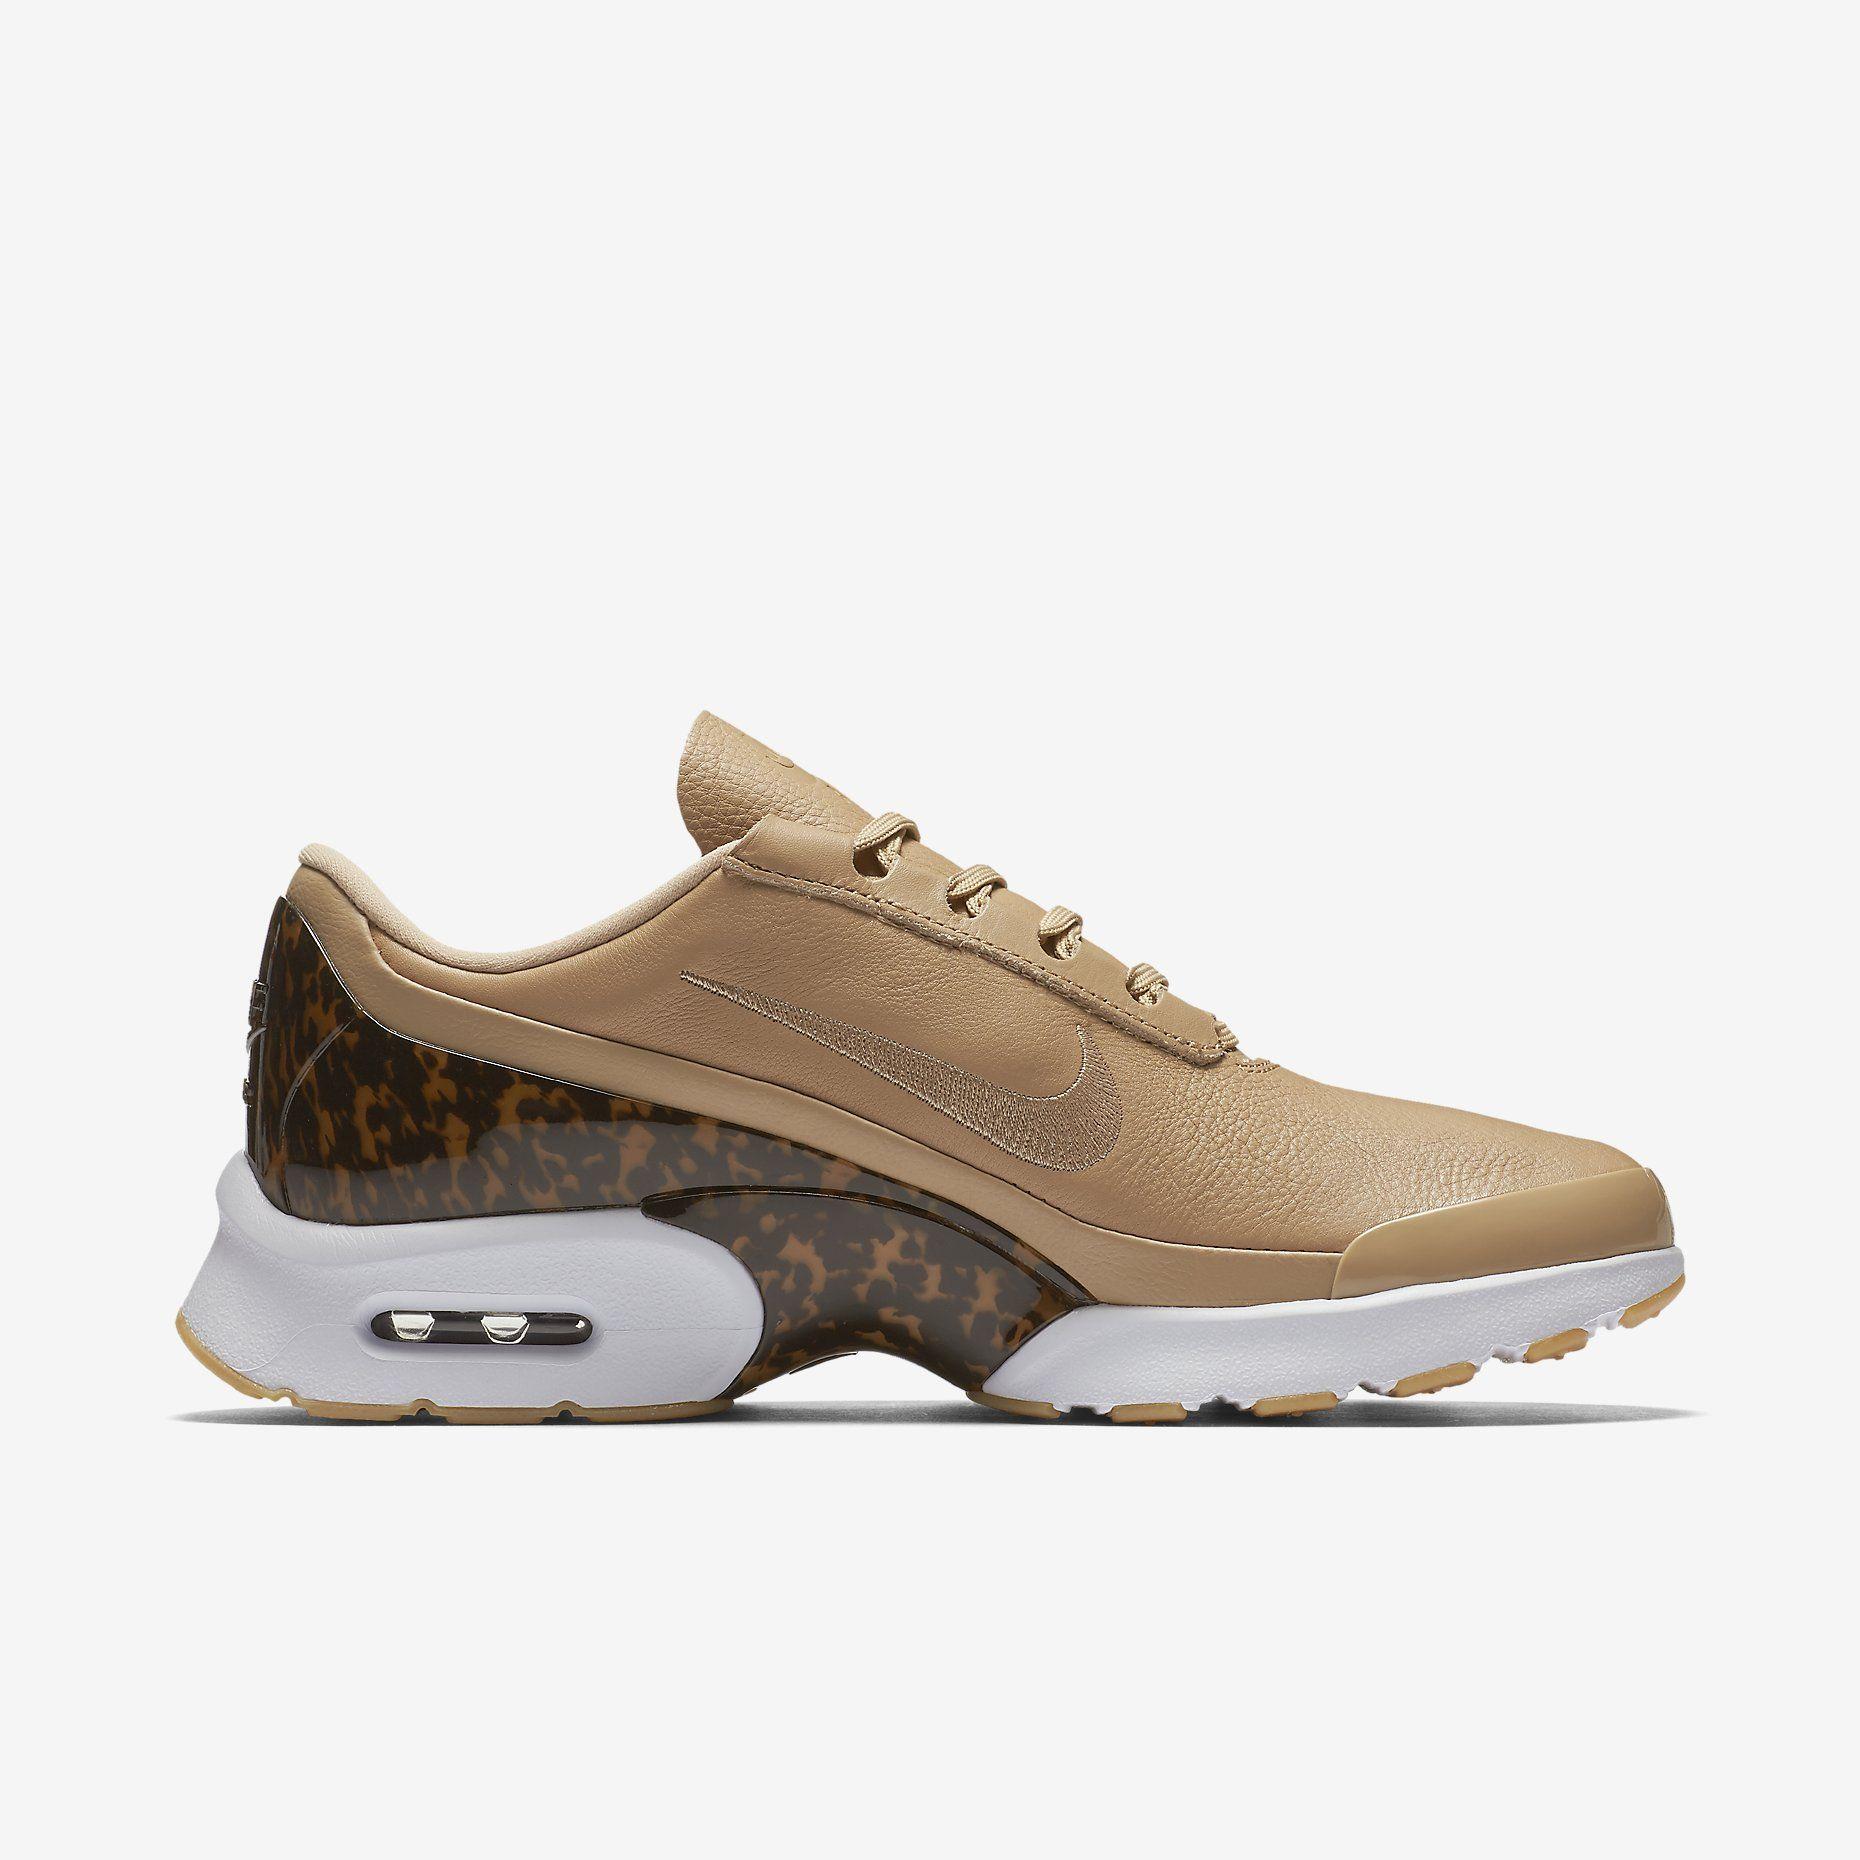 Schuhe, Kleidung & Zubehör von Nike einkaufen auf www